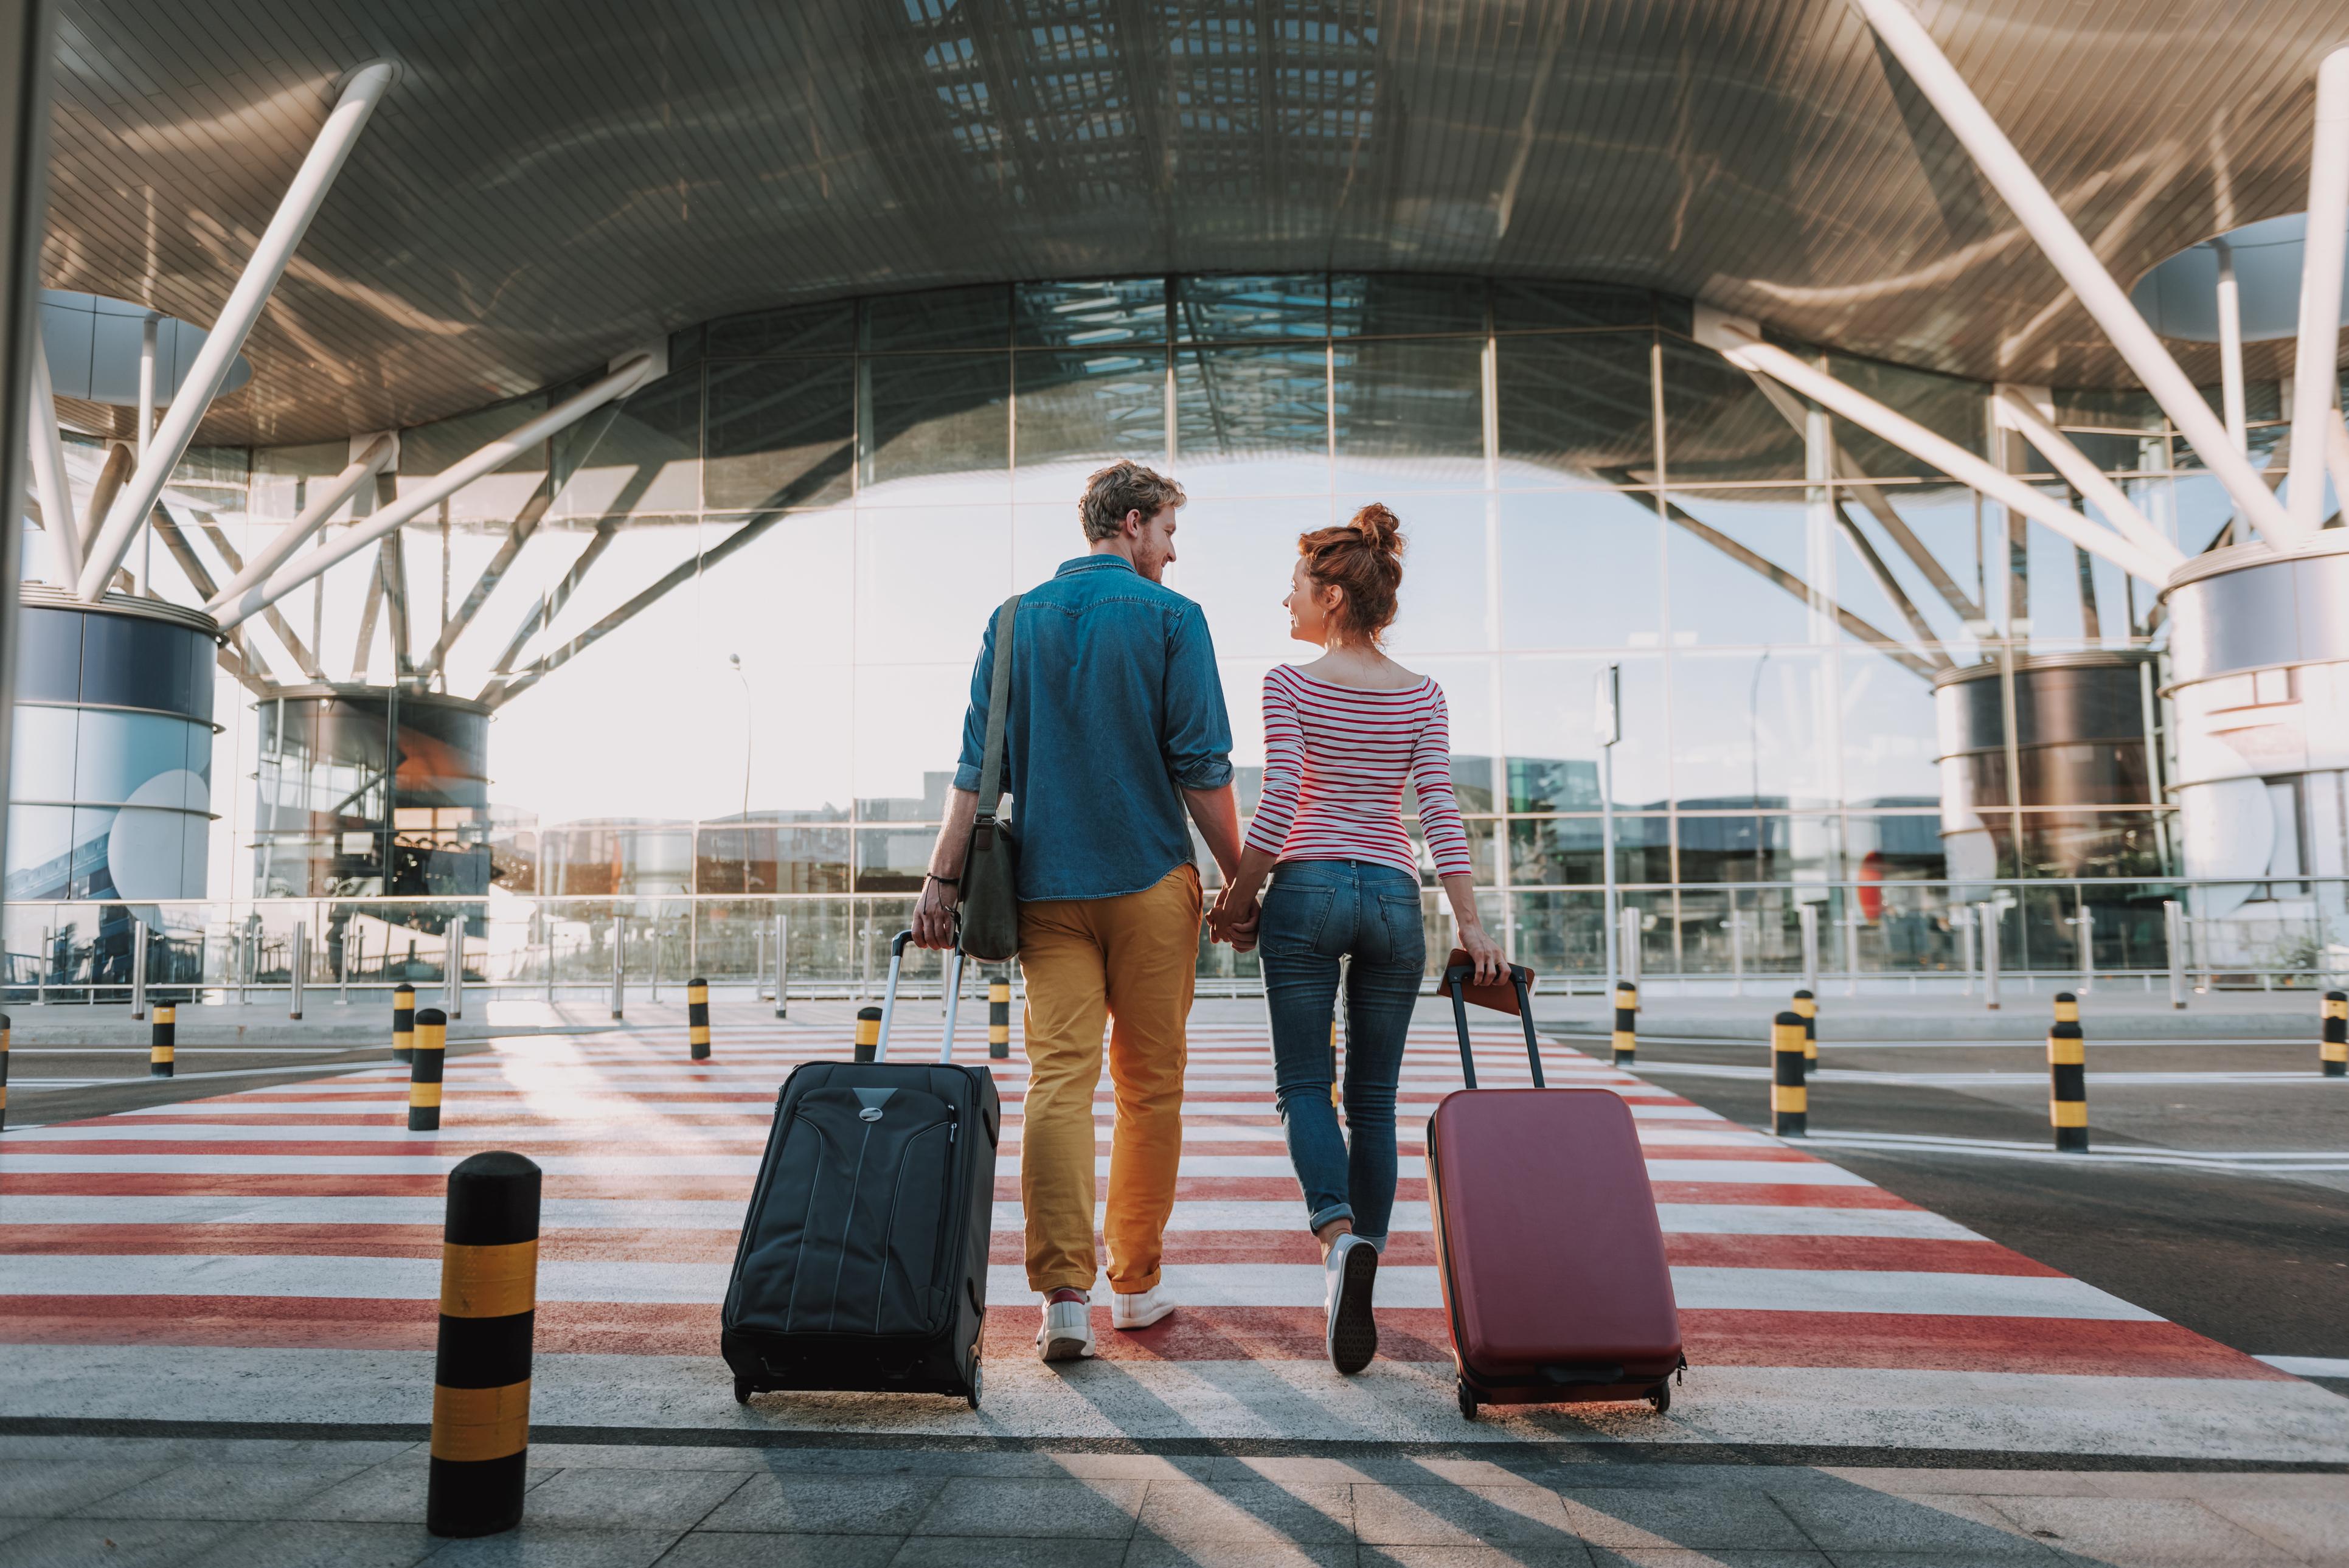 Reiseziele-für-Geimpfte-Urlaub-ohne-Quarantäne-Länder-itravel